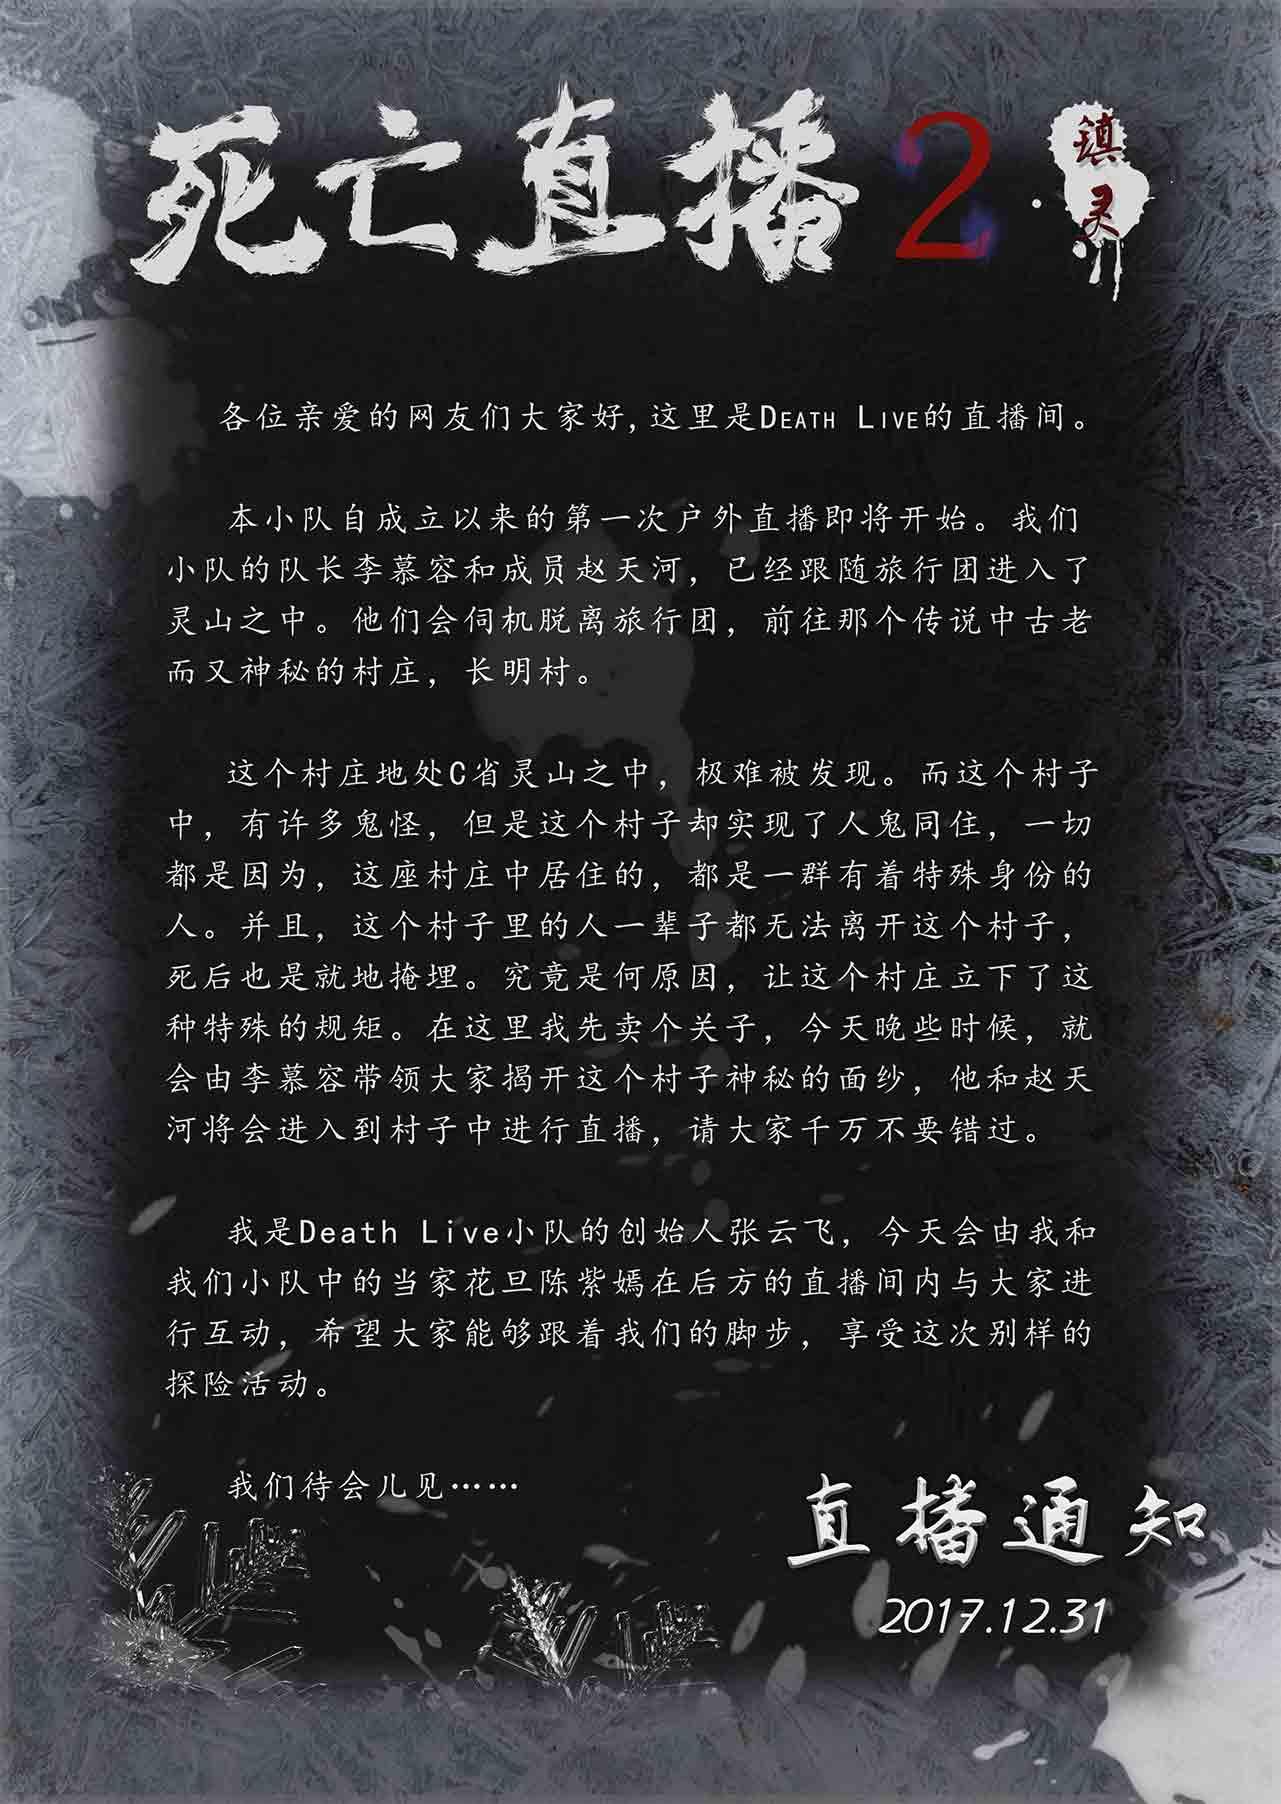 『死亡直播2-镇灵』剧本杀复盘/答案揭秘/案件解析/故事结局真相